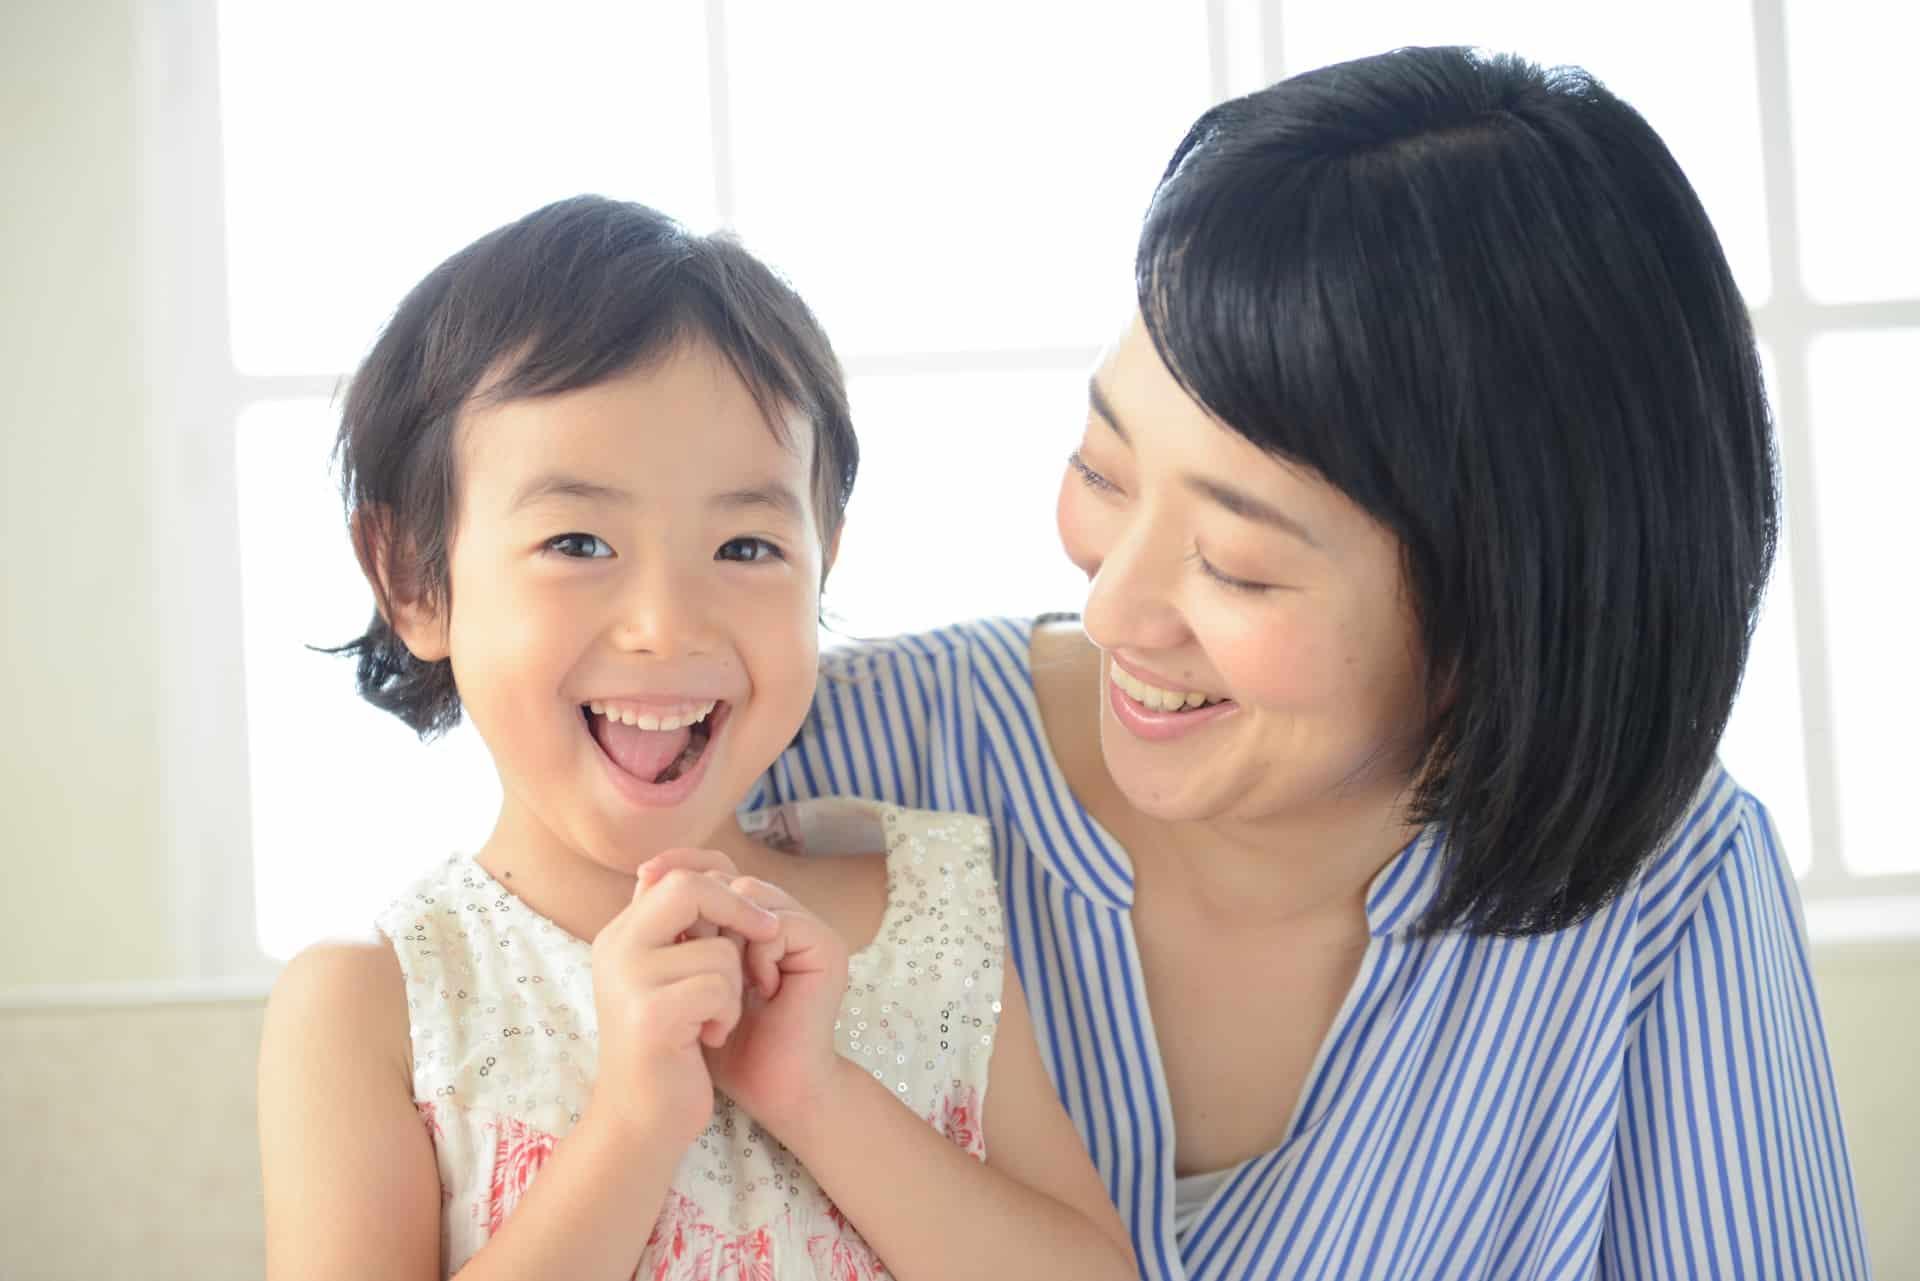 仙台の保護者必見!英語を話せる子になるための学習開始時期